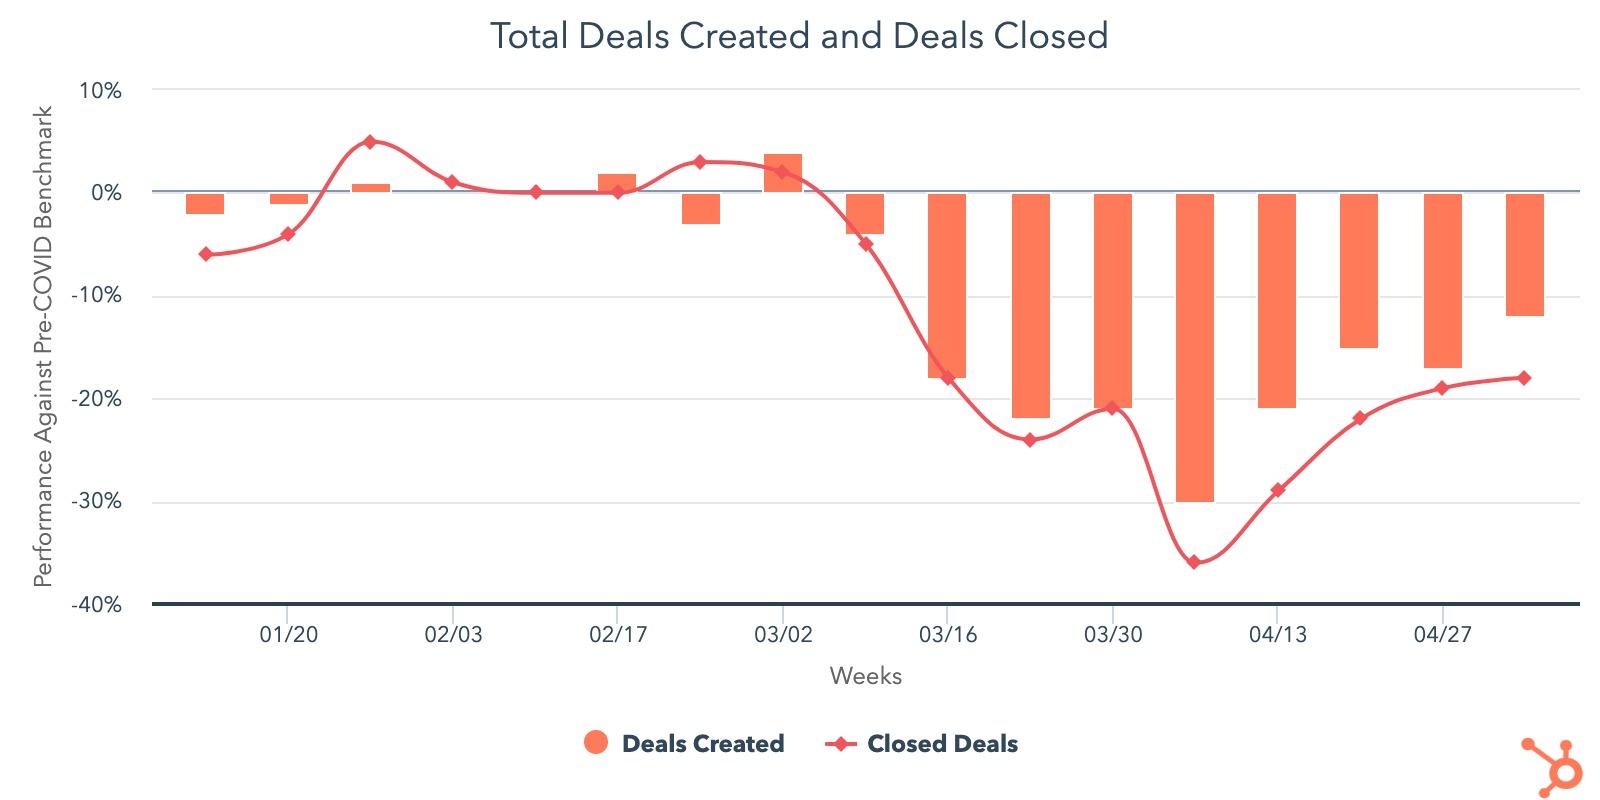 Deal Creation vs pre-COVID-19 Benchmark